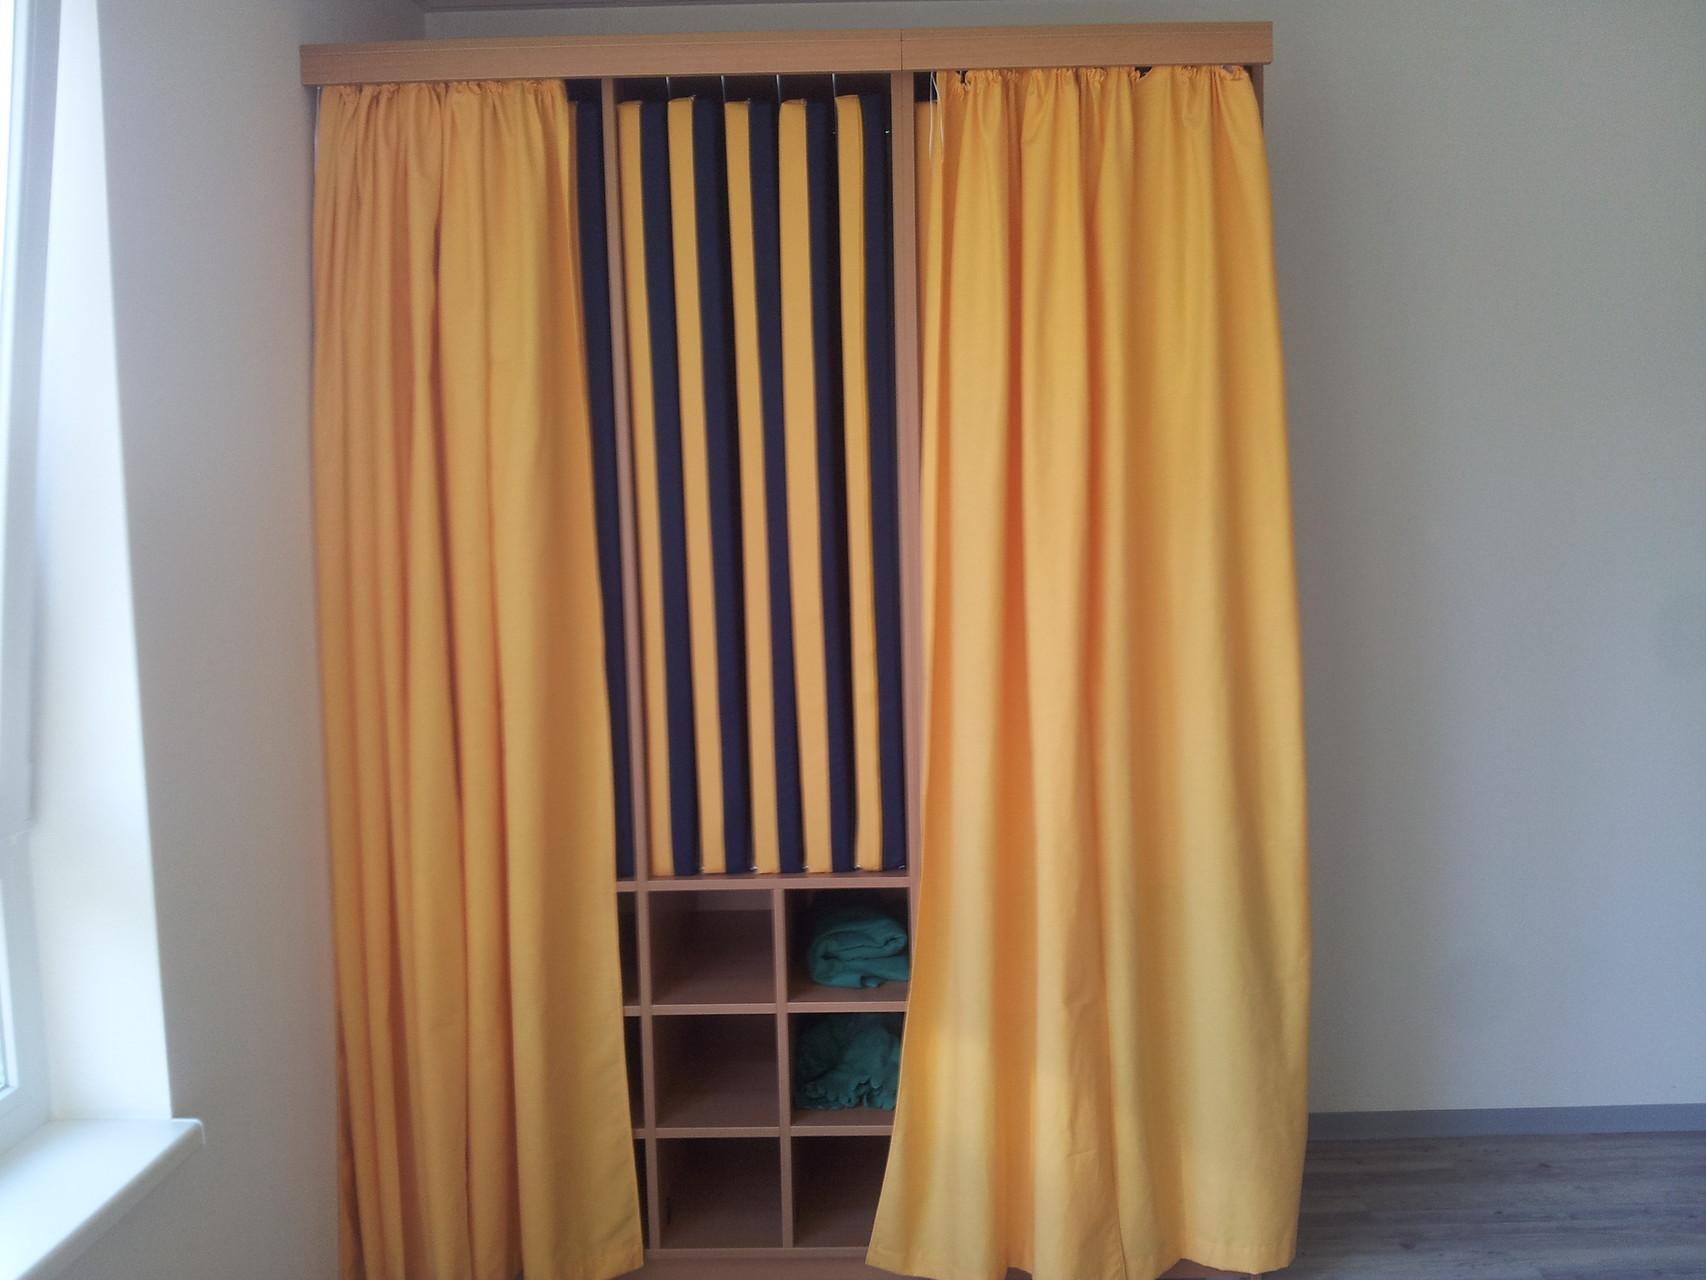 Liegepolsterschrank mit Vorhang